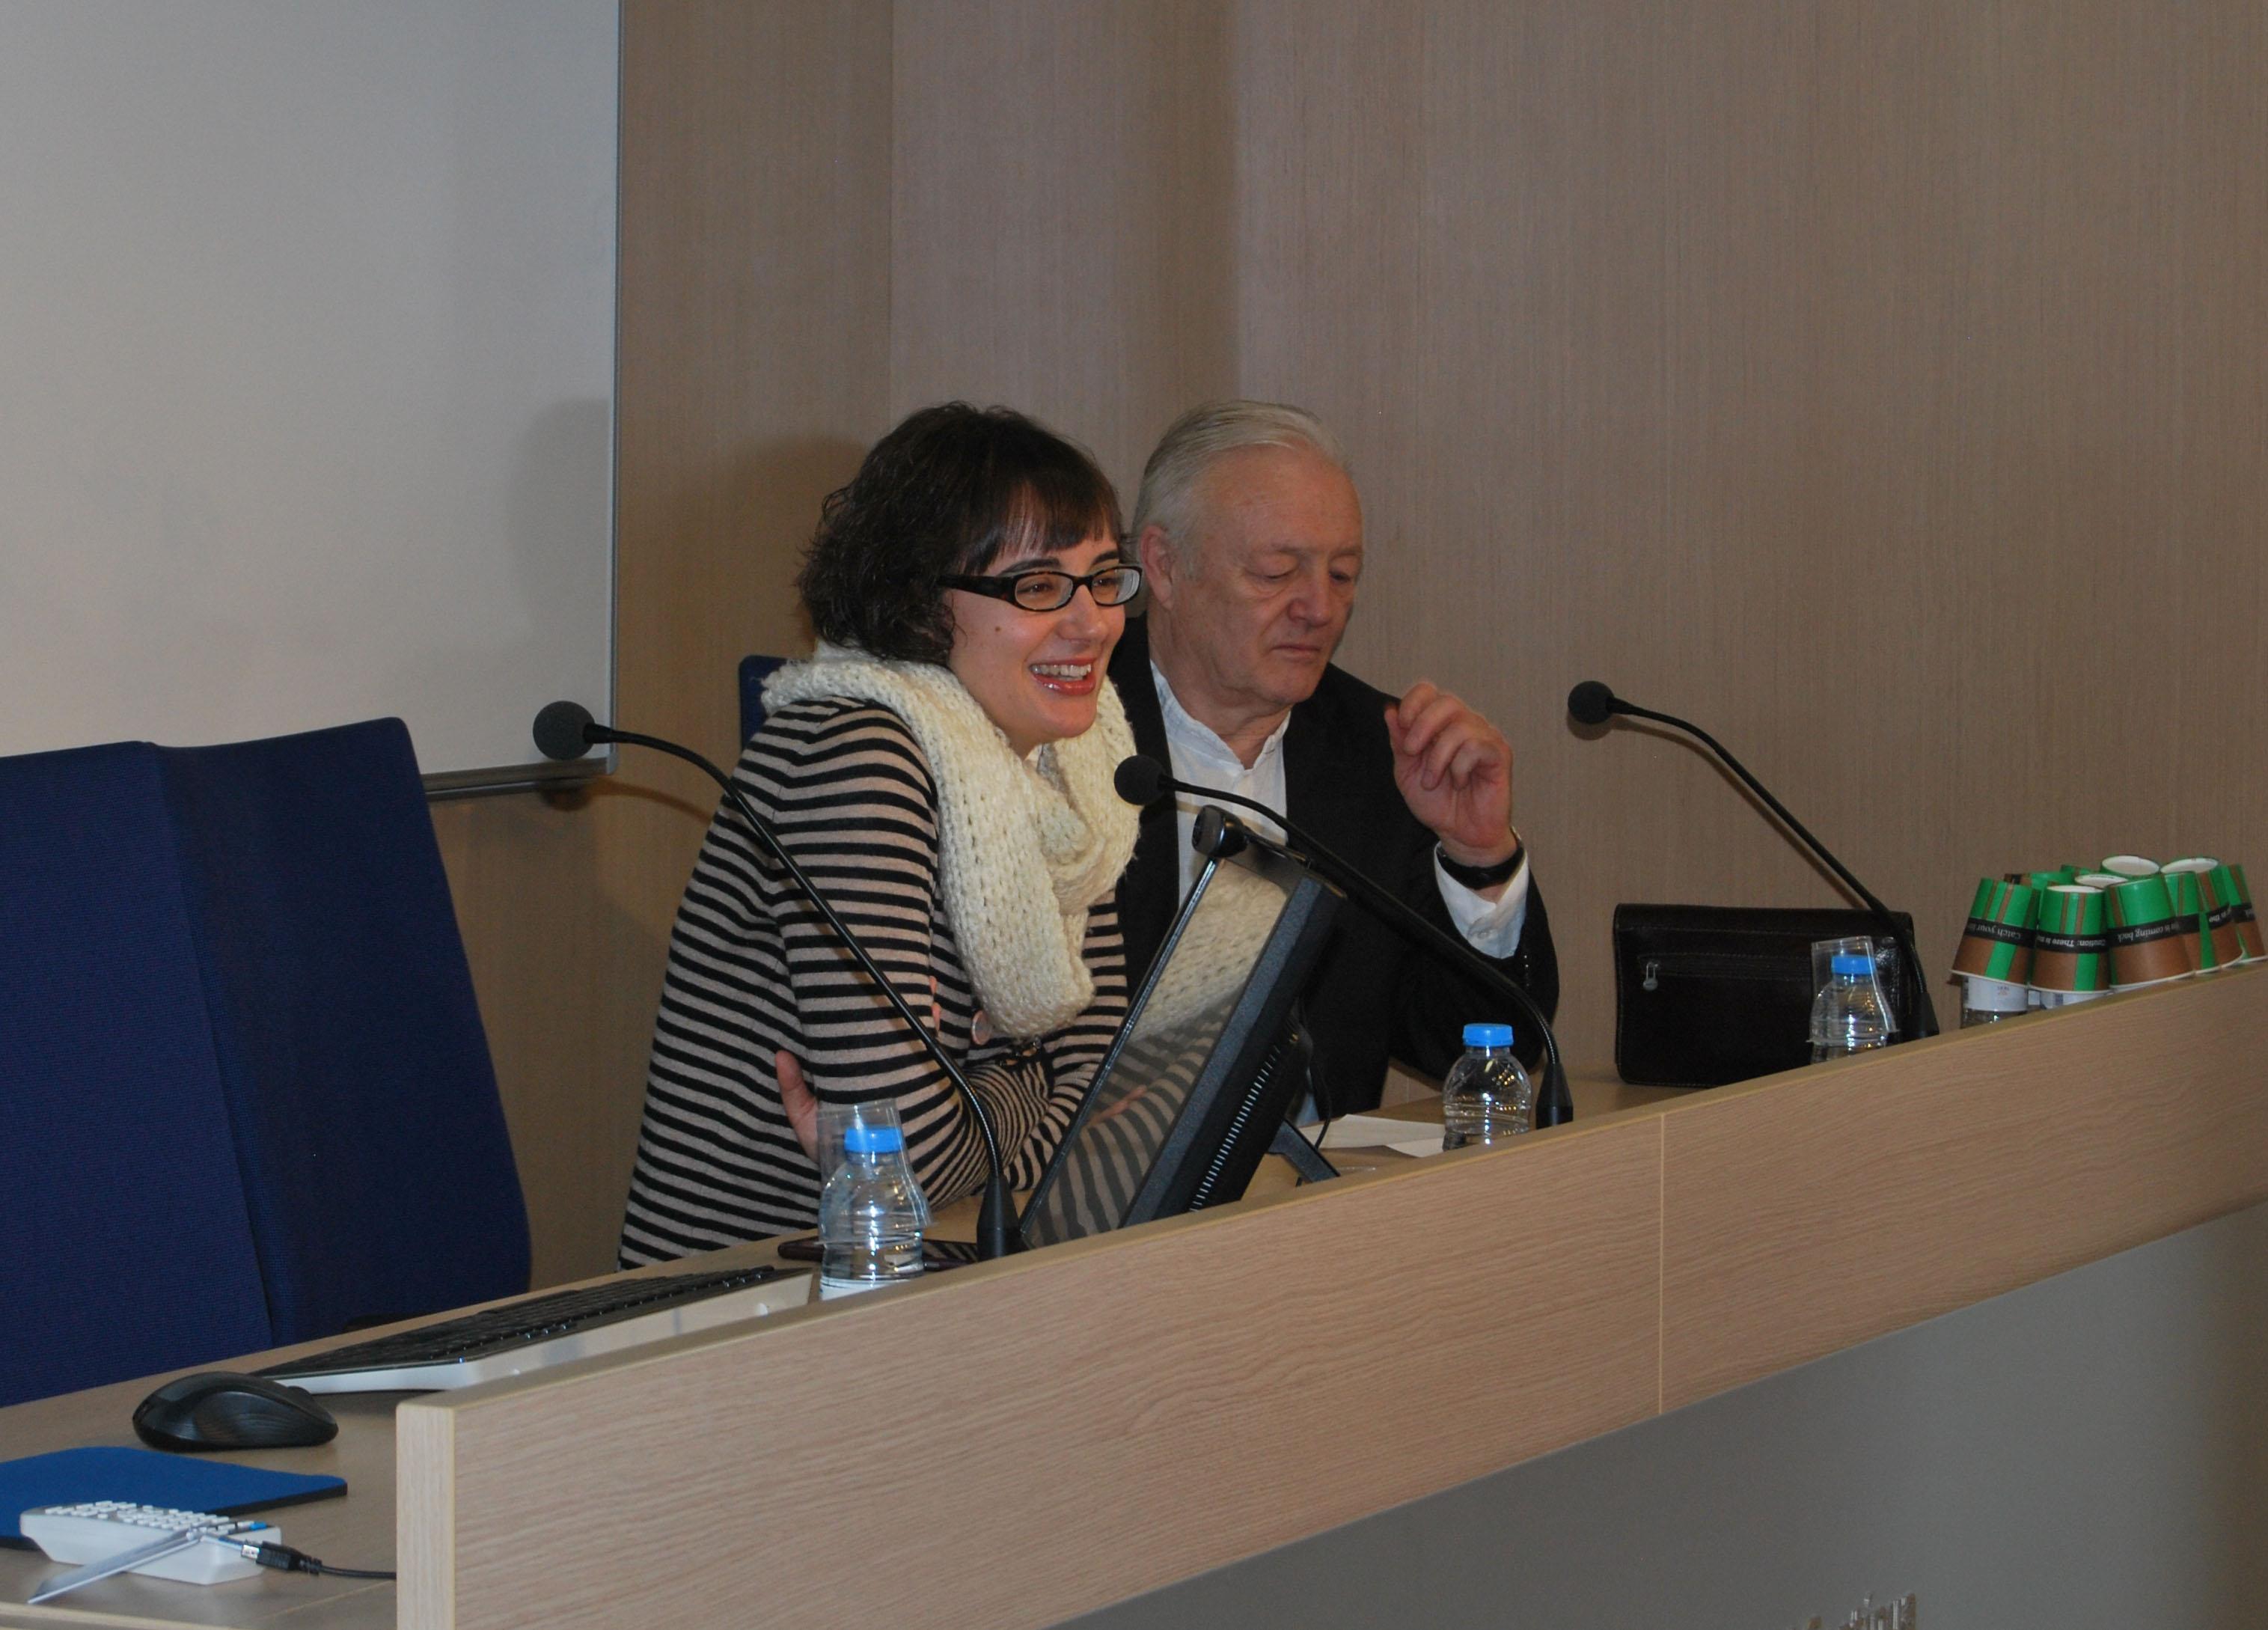 Mercedes Vidal, Regidora de Mobilitat de l'Ajuntament de Barcelona, dóna la benvinguda als assistents